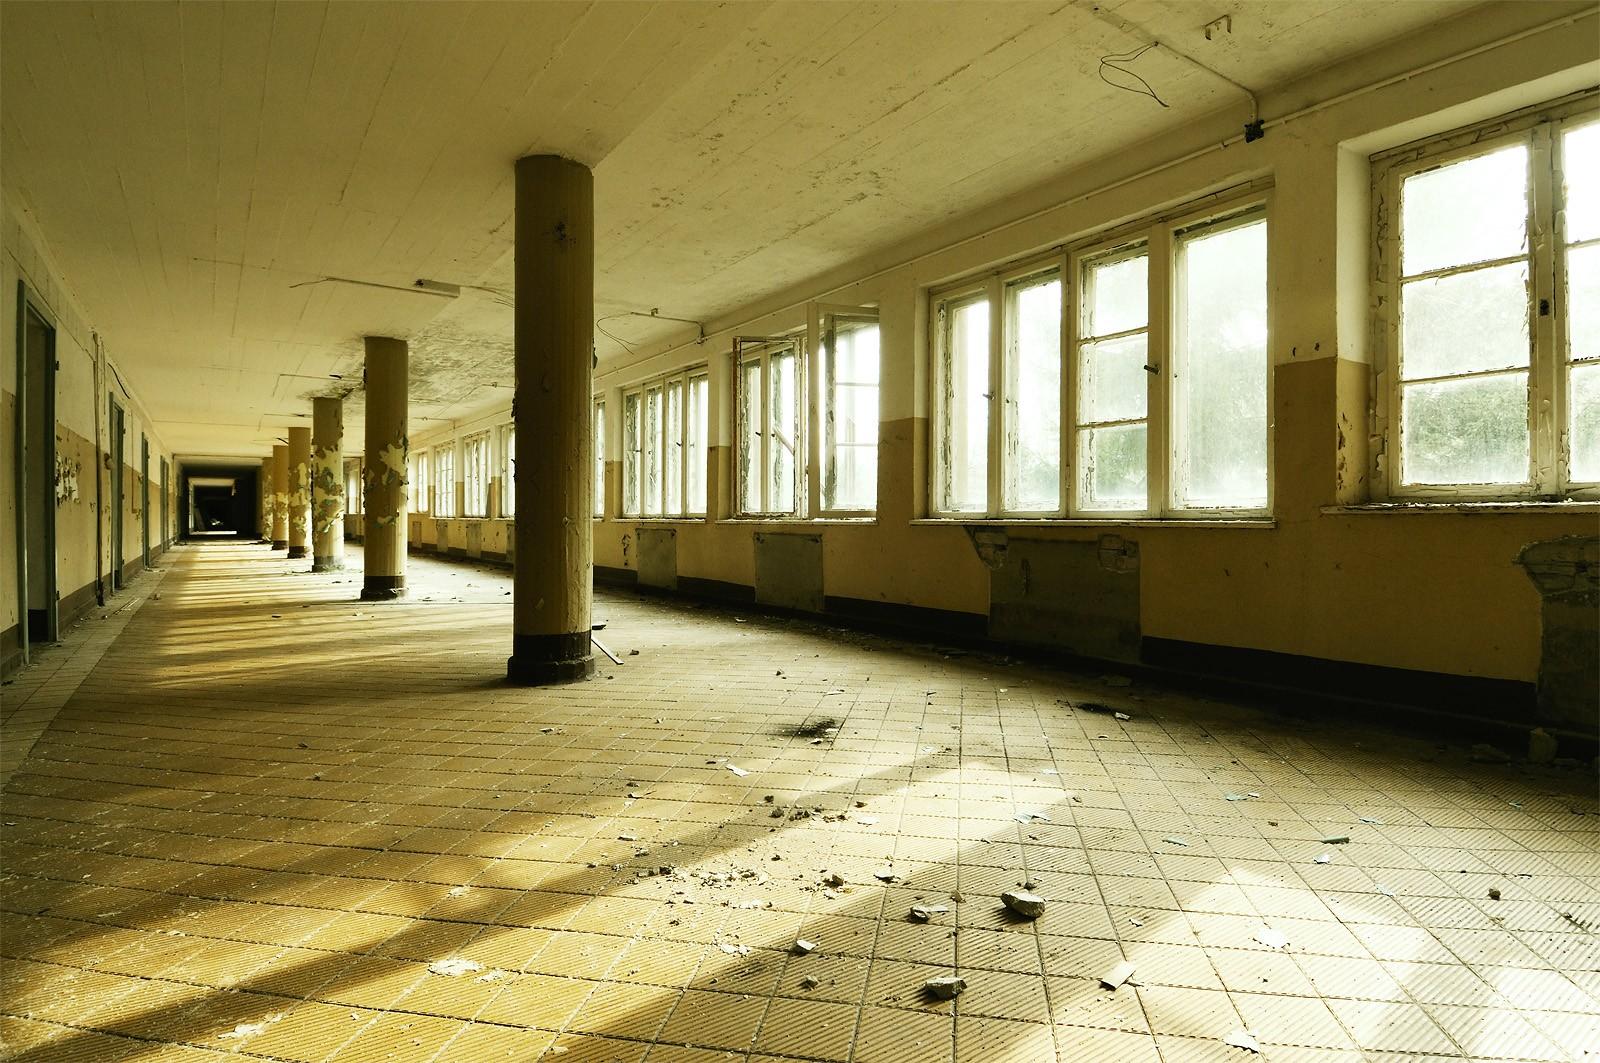 Un couloir du bâtiment original